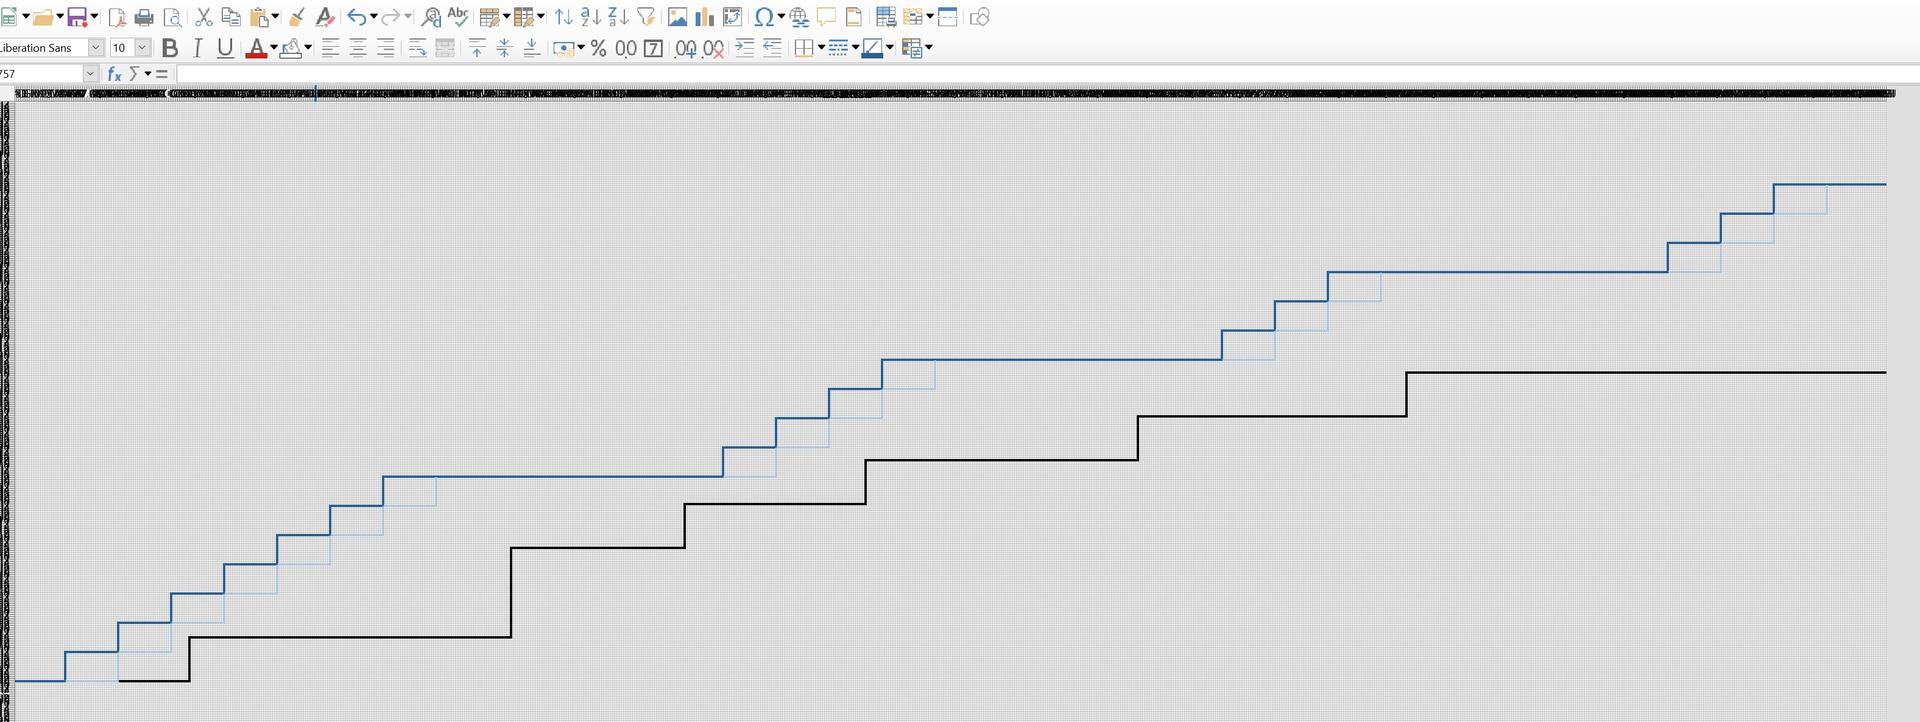 Excel je najlepsi stvorcekovy papier :-p len mi chyba este asi 200 stlpcov :-D ale neva, to uz su len rovne plochy. Nakres vonkajsich schodov, ciernym je zaklad oporneho muru, schody budu asi pol metra od muru - Obrázok č. 1